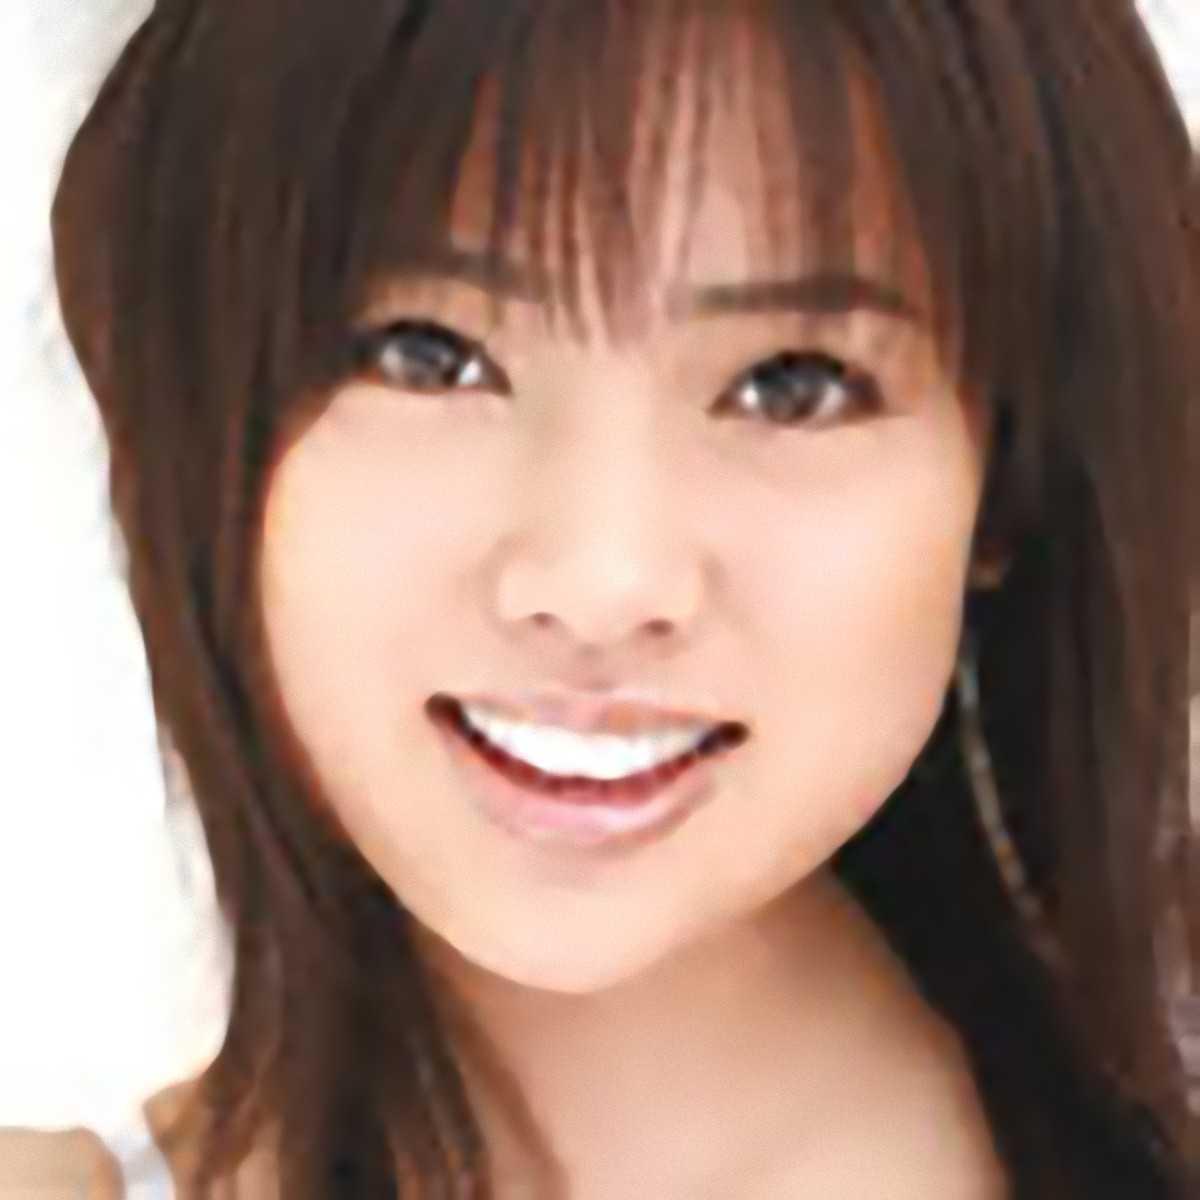 咲田ありなさんのプロフィールと画像集4ページ目   AV女優画像